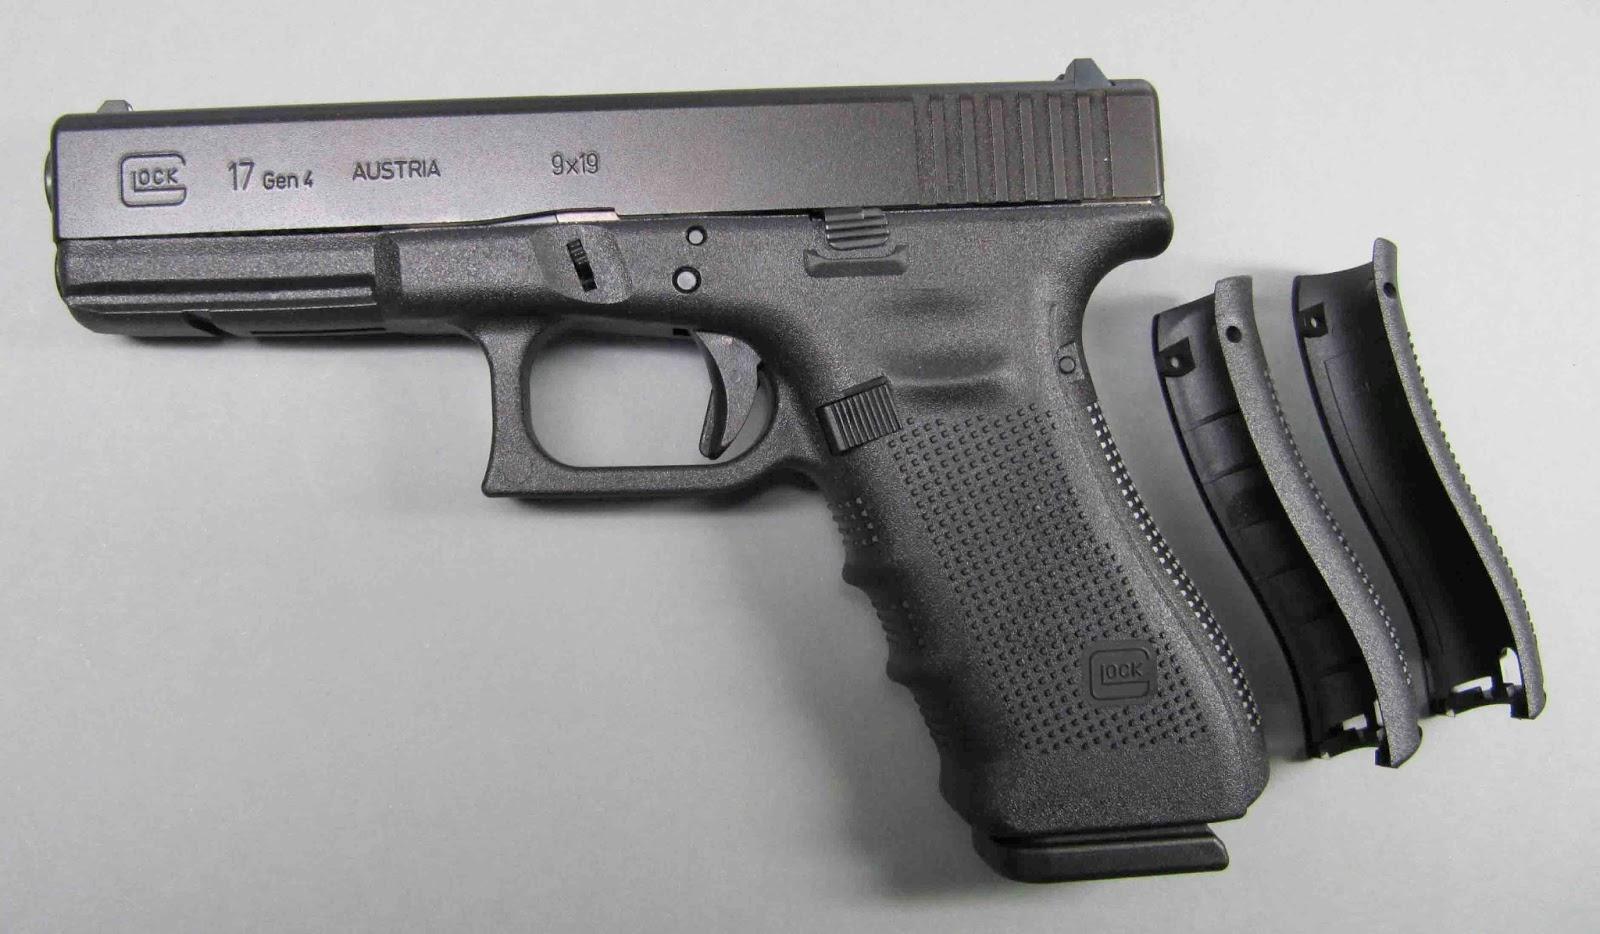 Glock 17 Gen4 9x19 Mm 90 Photos 5 HD Wallpapers 6 1600x934